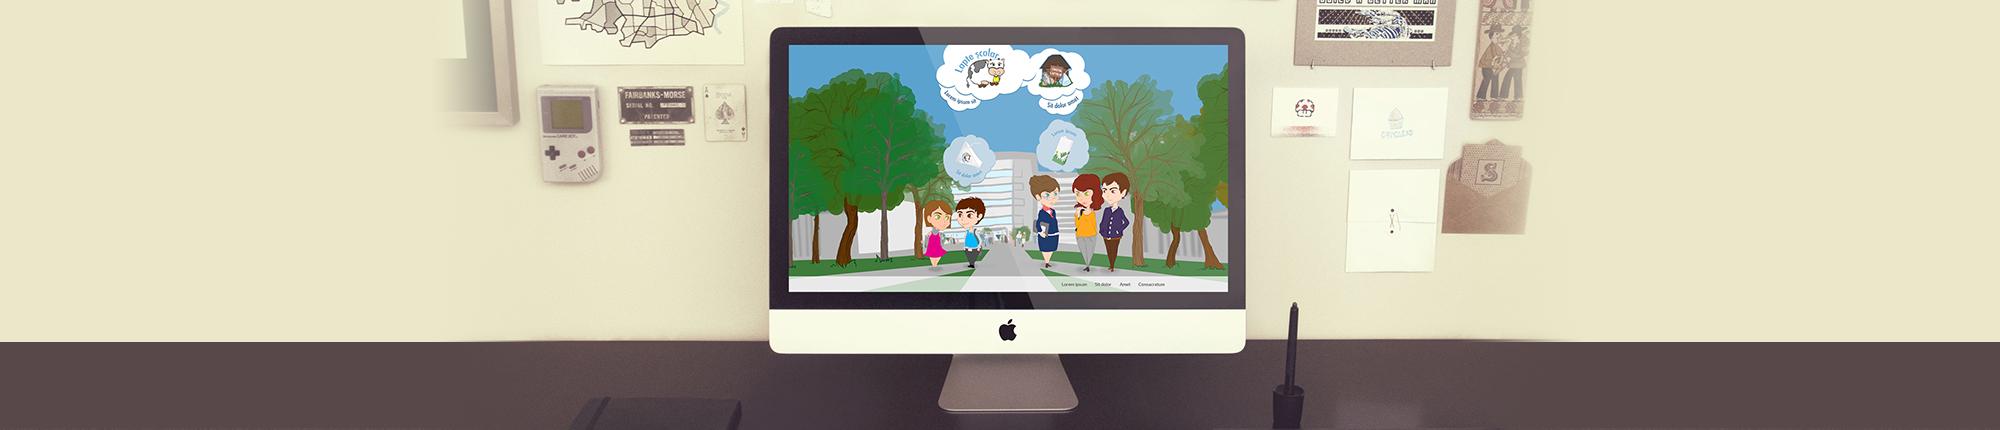 Lapte scolar website